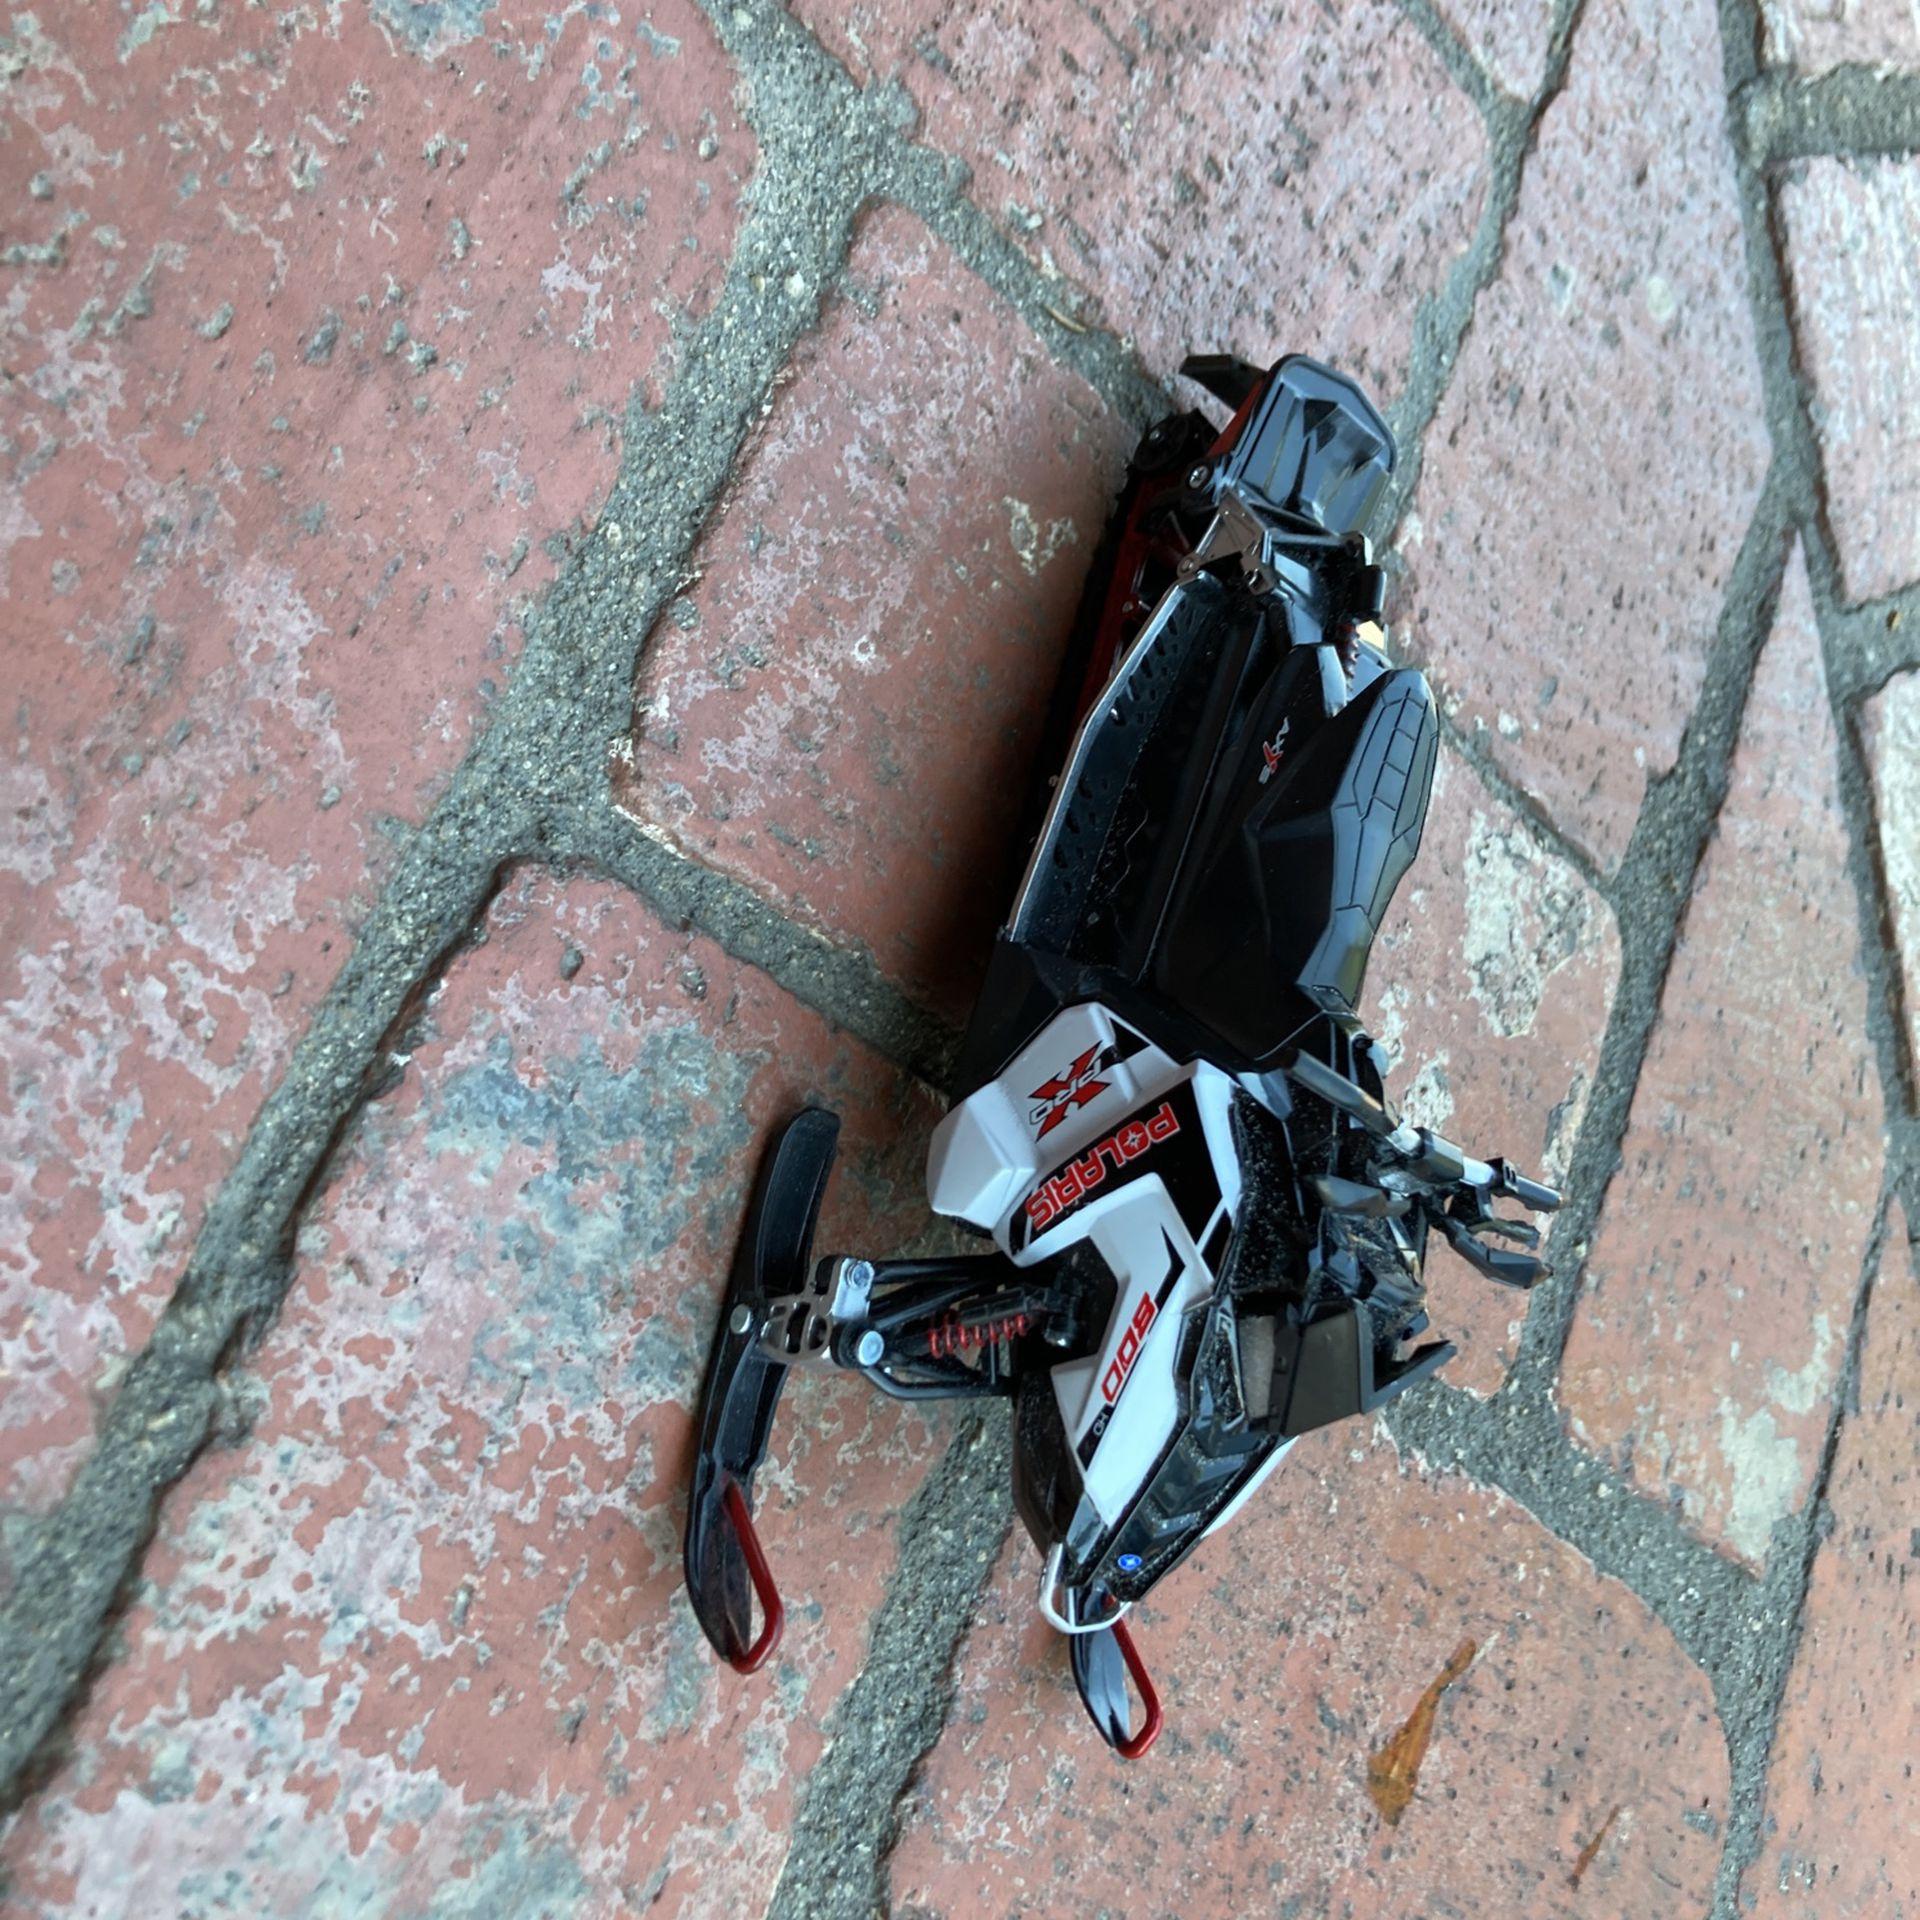 Polaris x pro snowmobile model toy